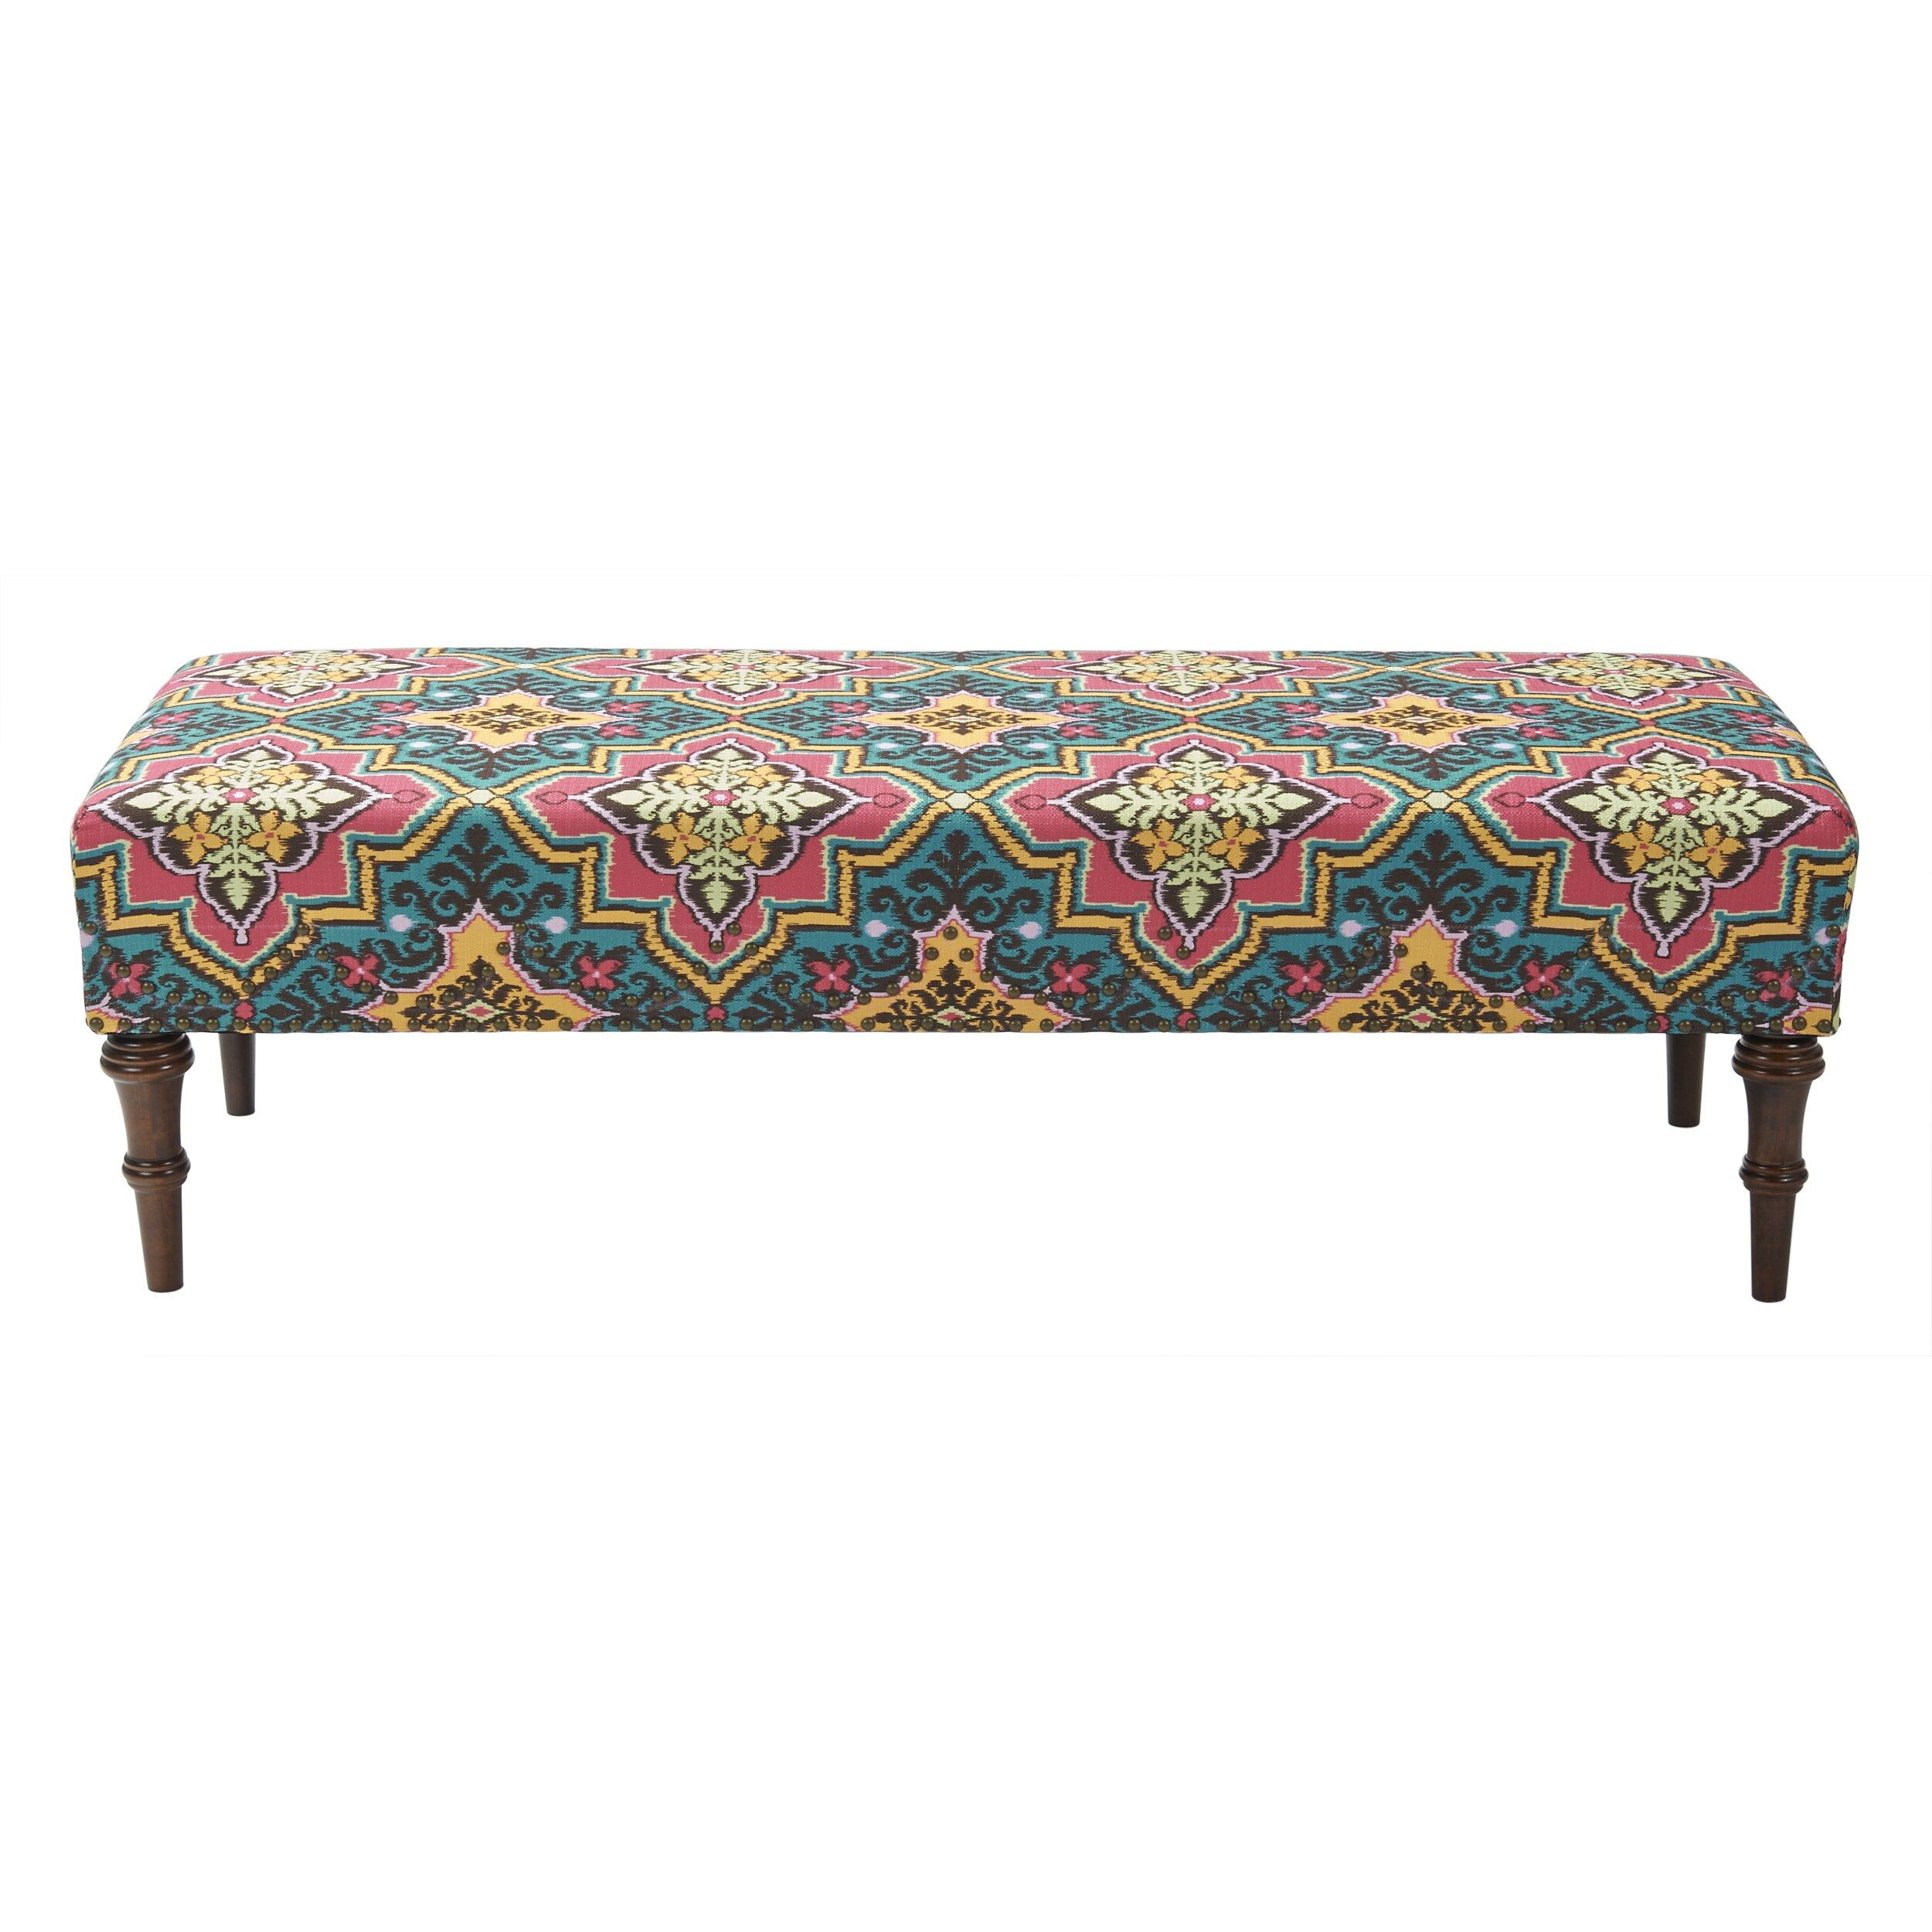 Furniture Accent Furniture Upholstered Benches Jennifer Taylor SKU